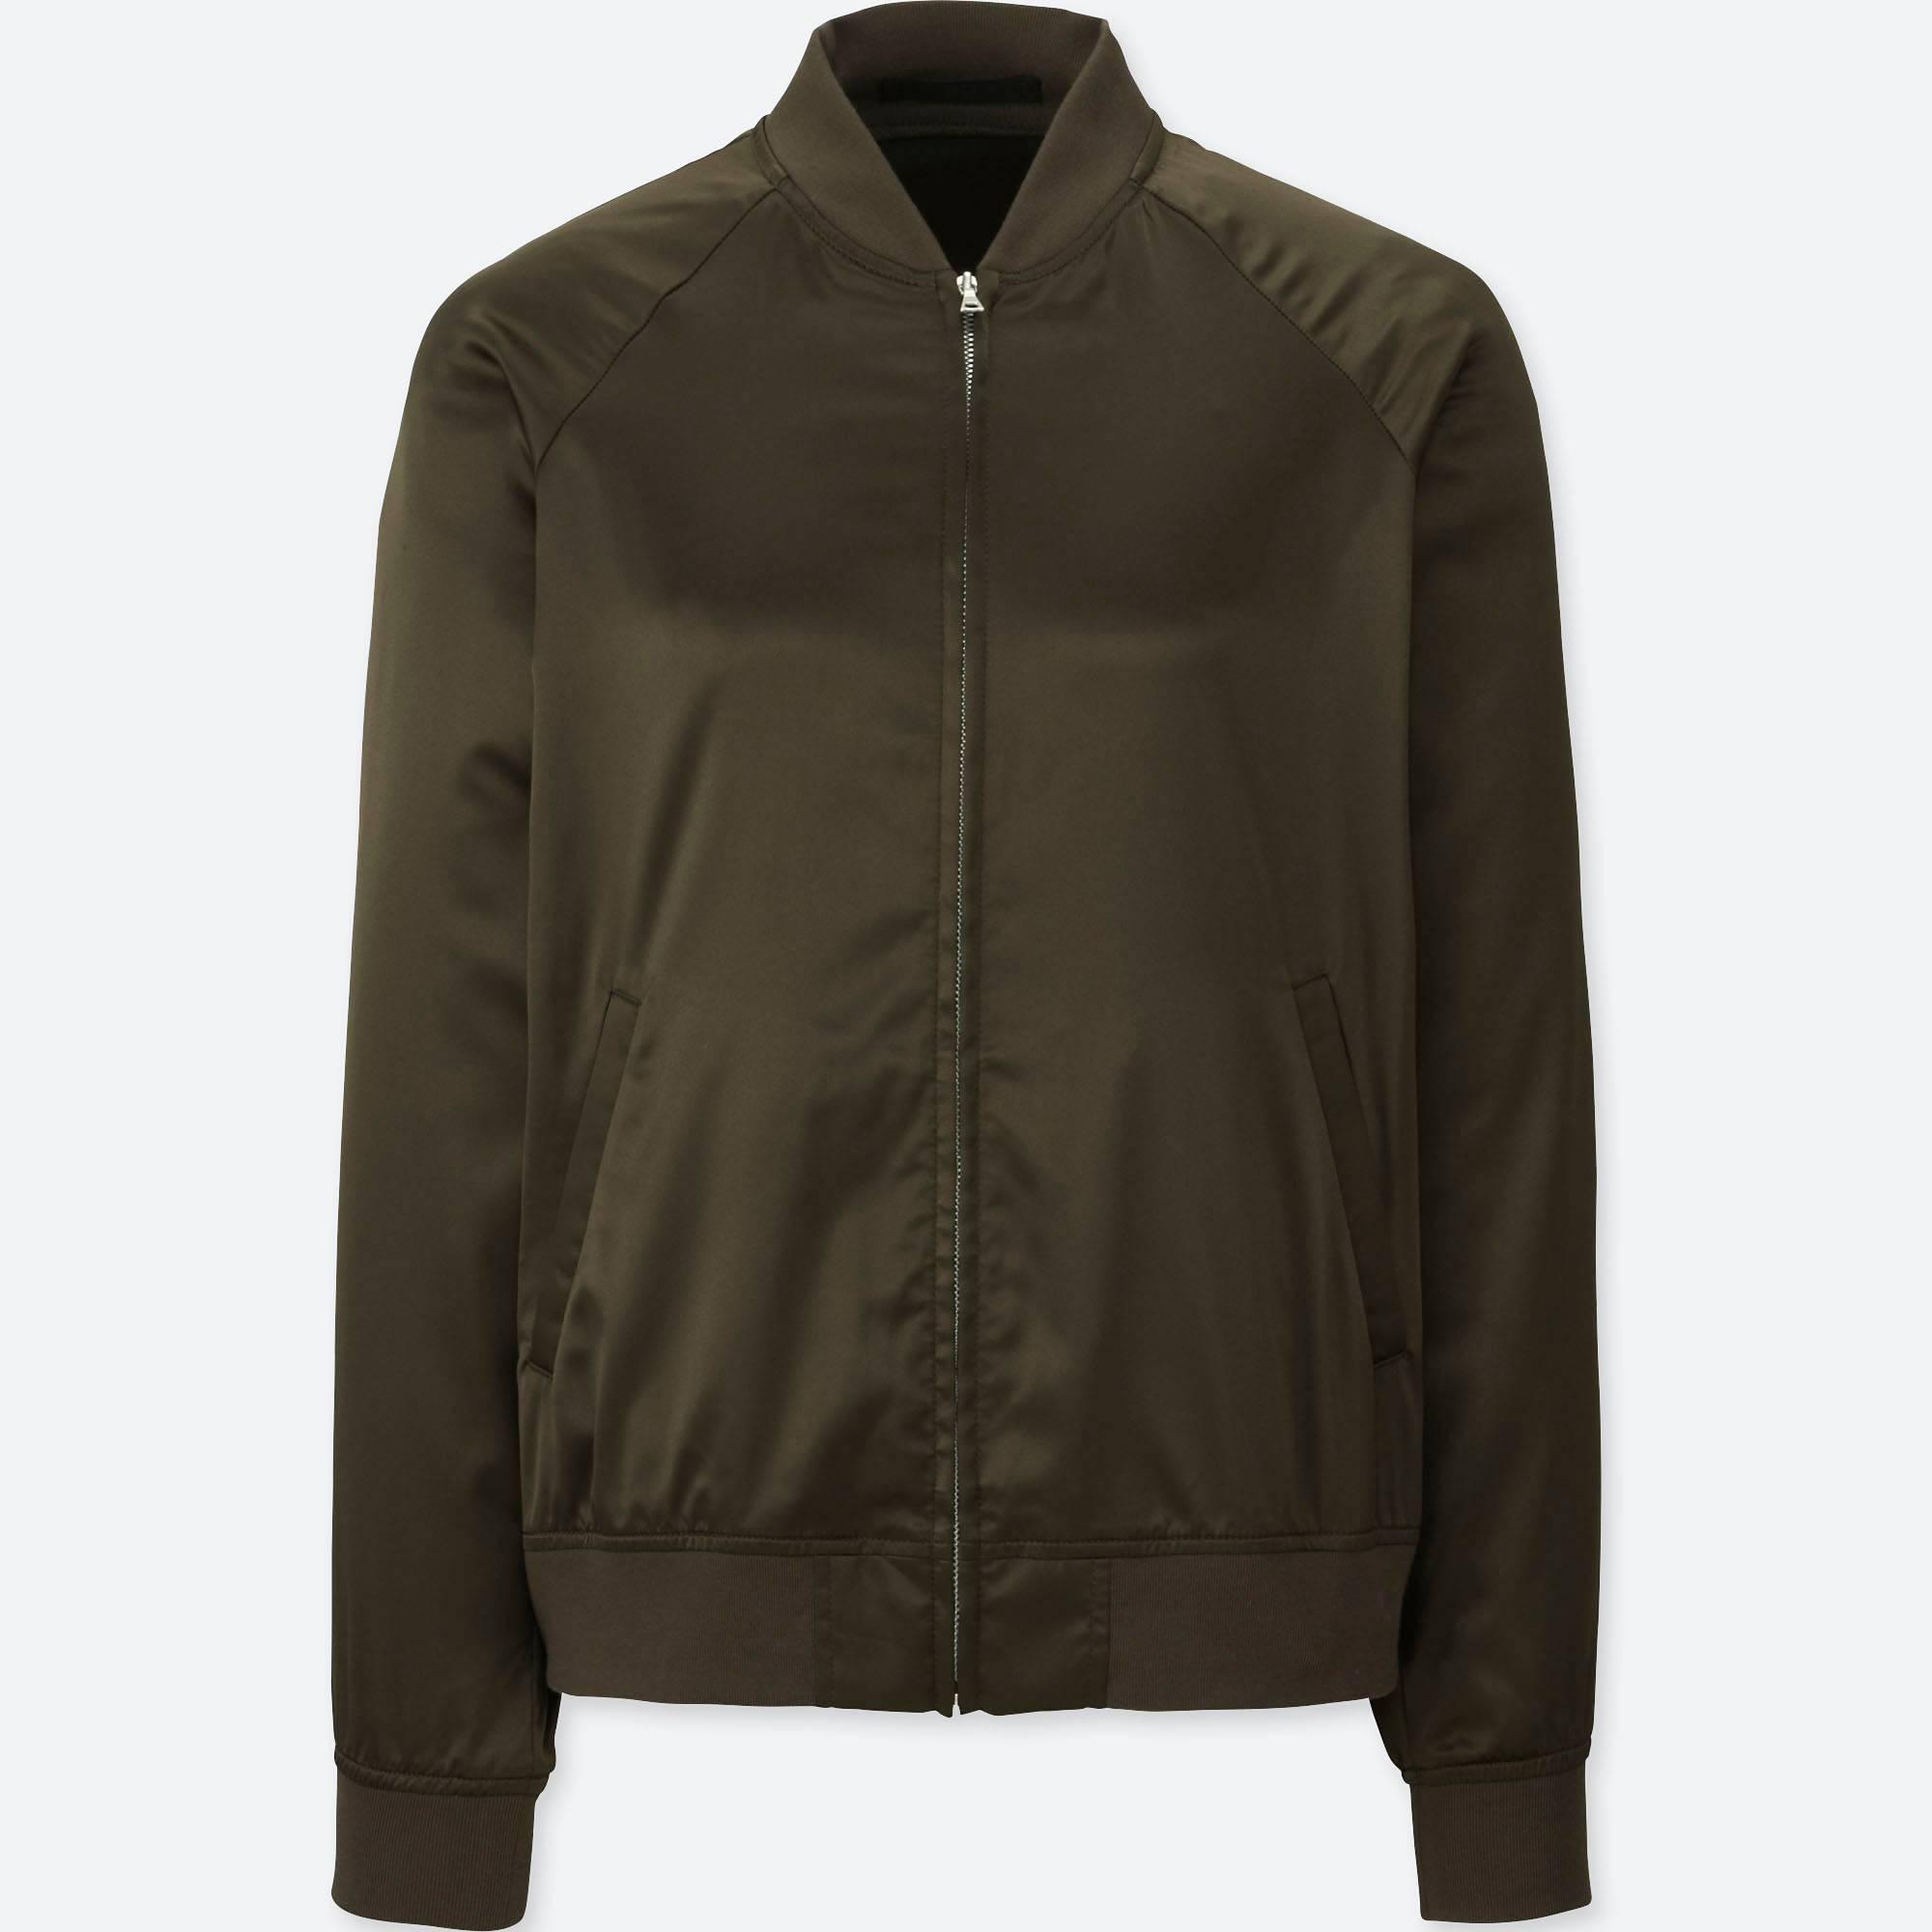 Uniqlo Womens Jacket